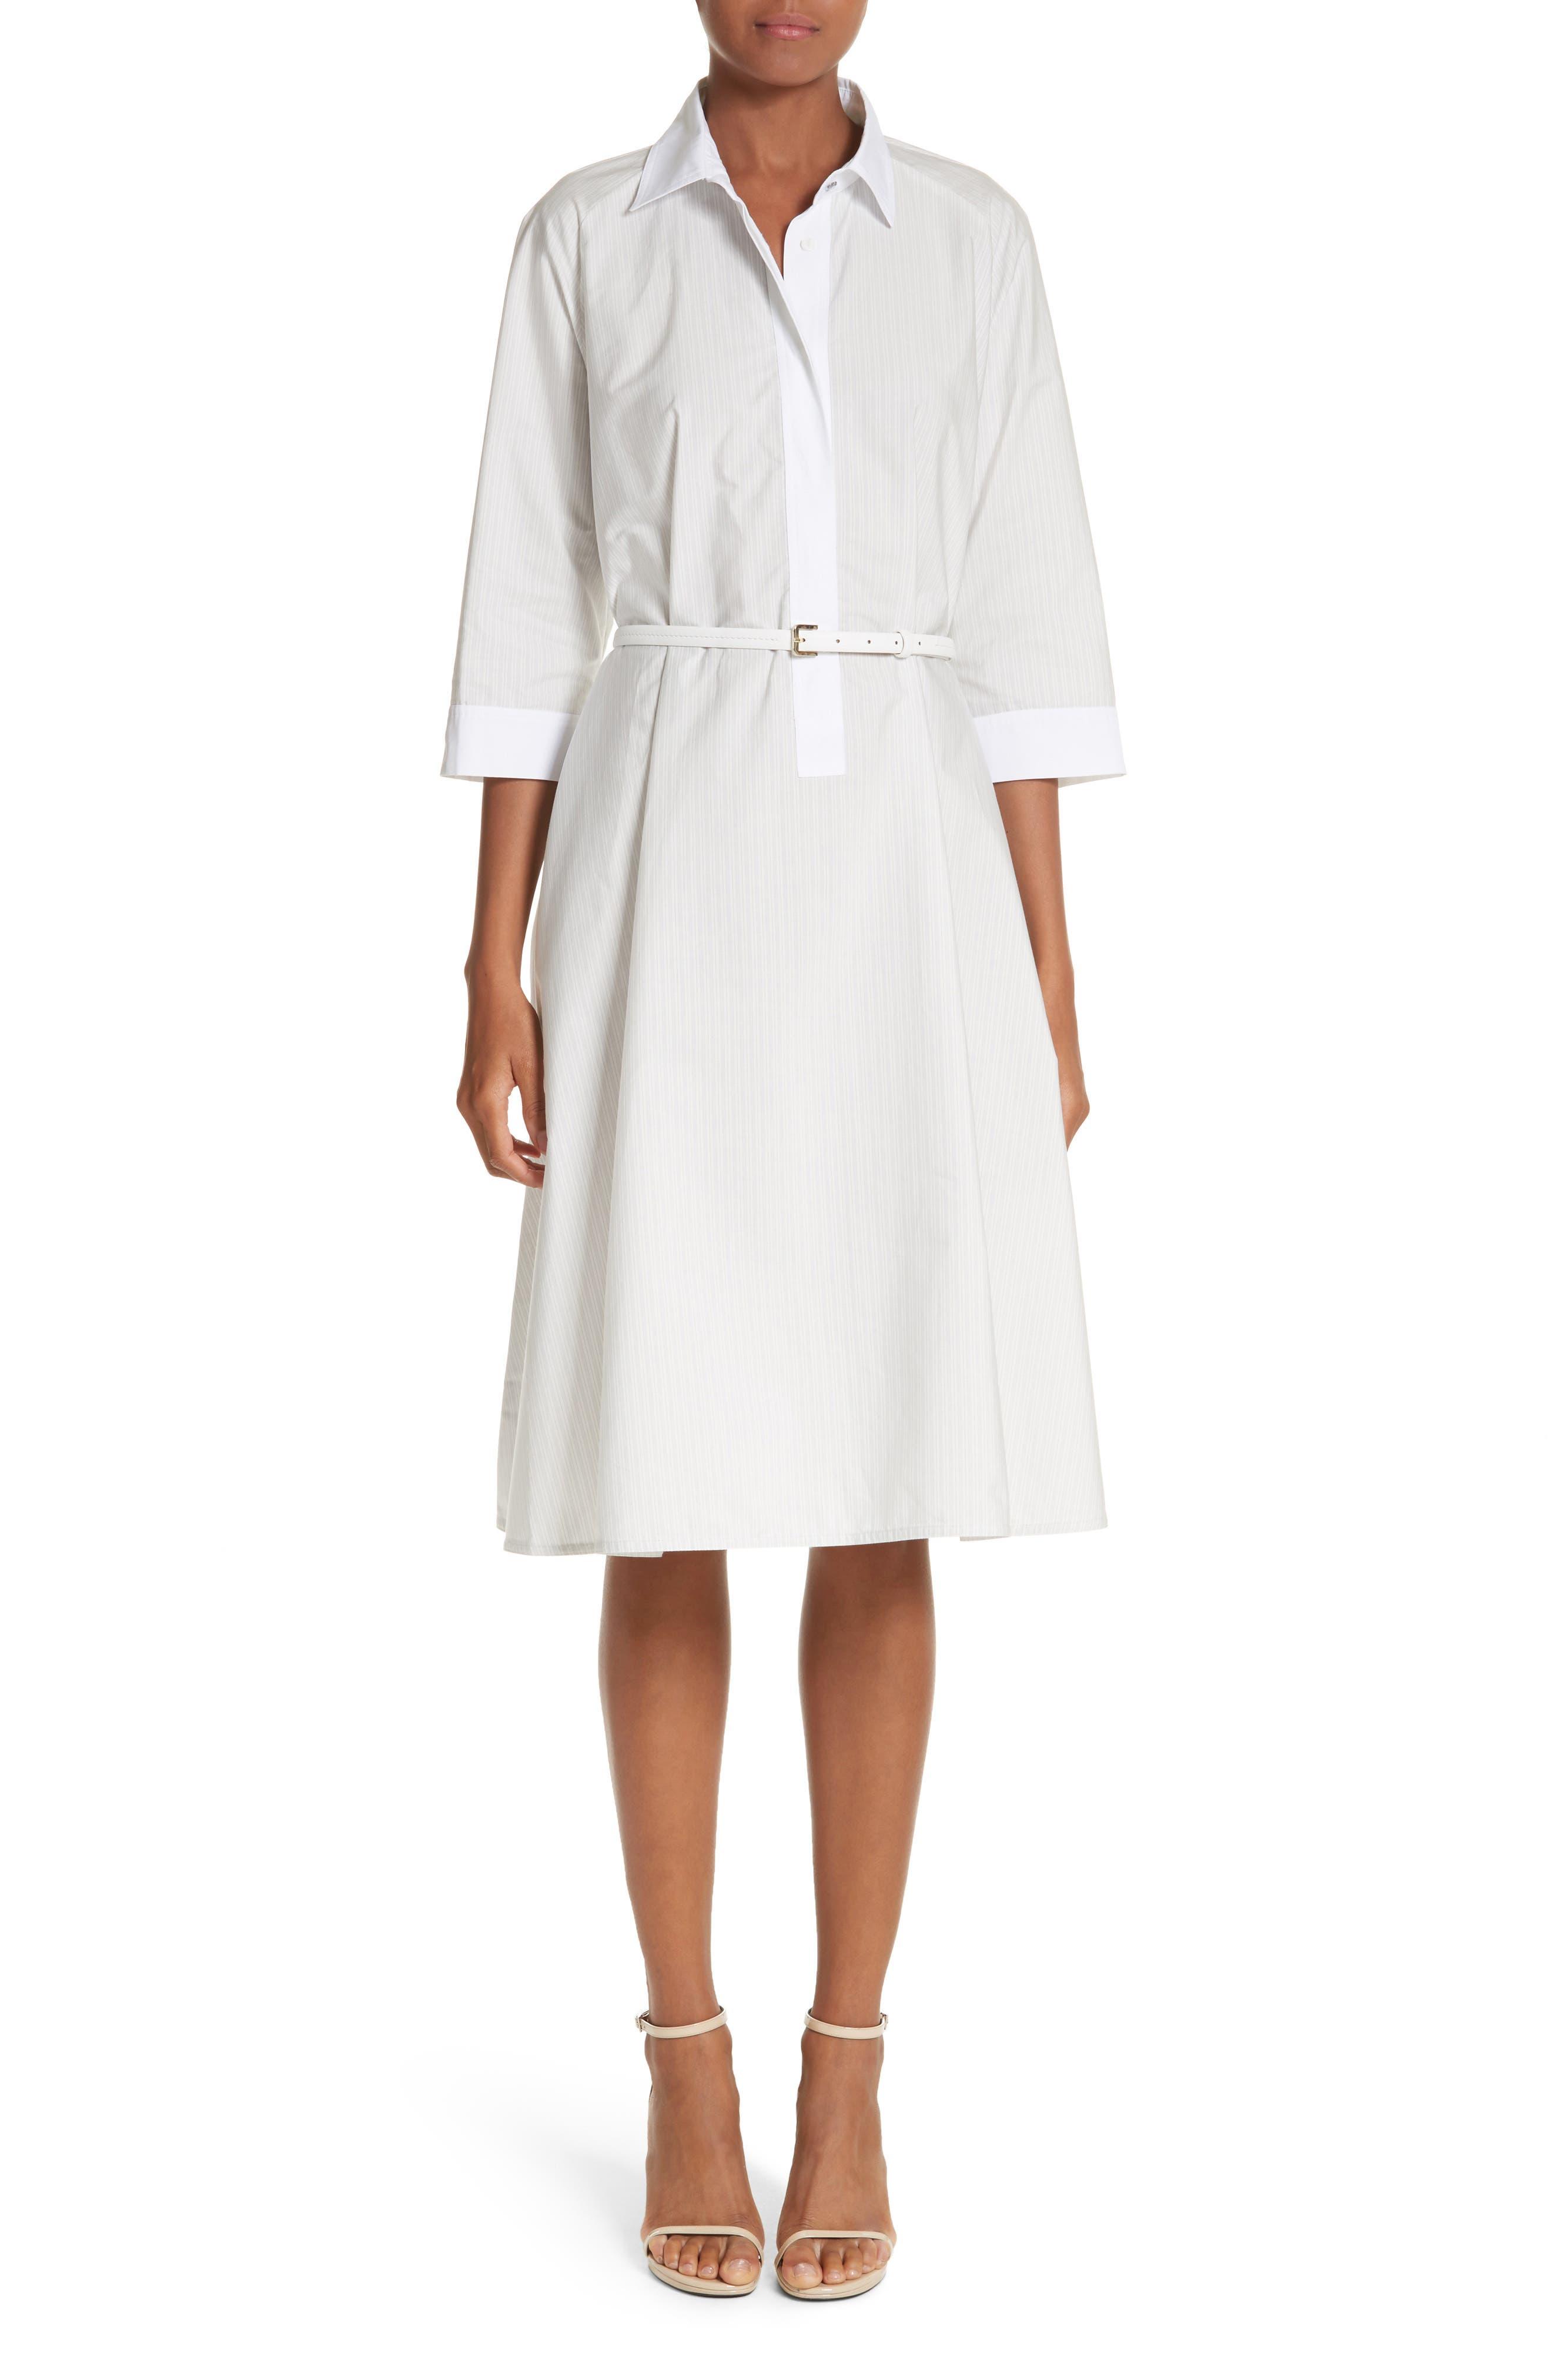 Parola Cotton Shirtdress,                             Main thumbnail 1, color,                             Light Grey